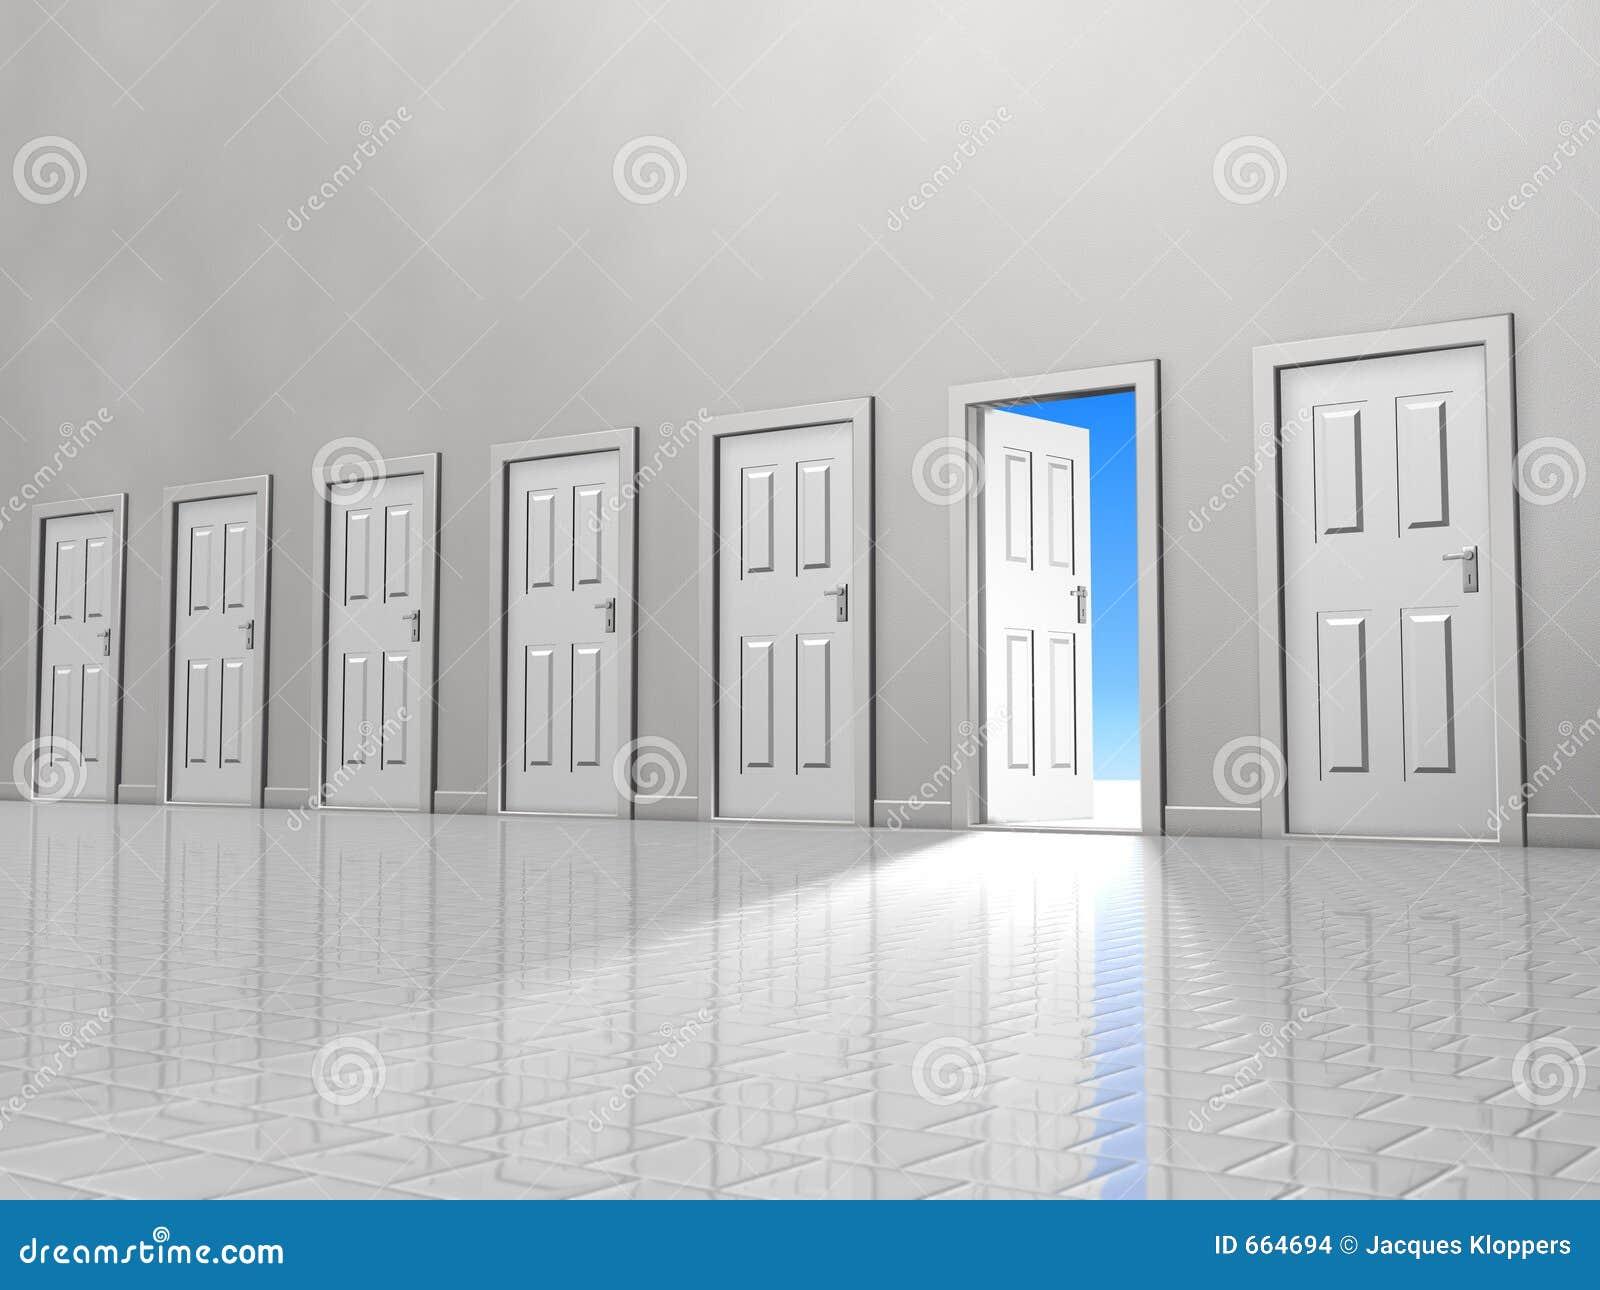 Doorway One